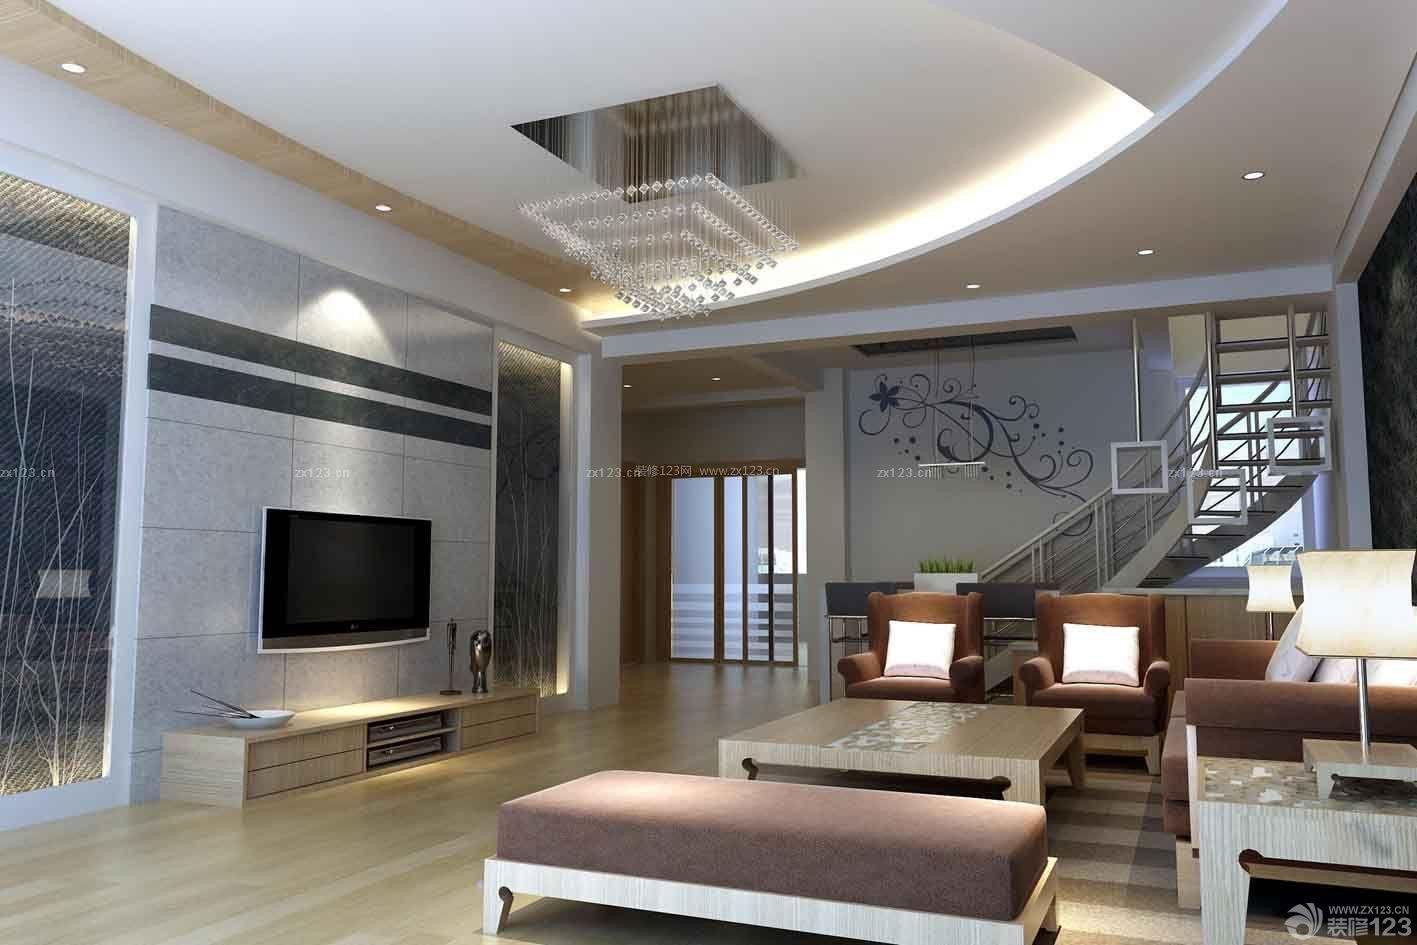 现代风格跃层客厅瓷砖电视背景墙装饰效果图